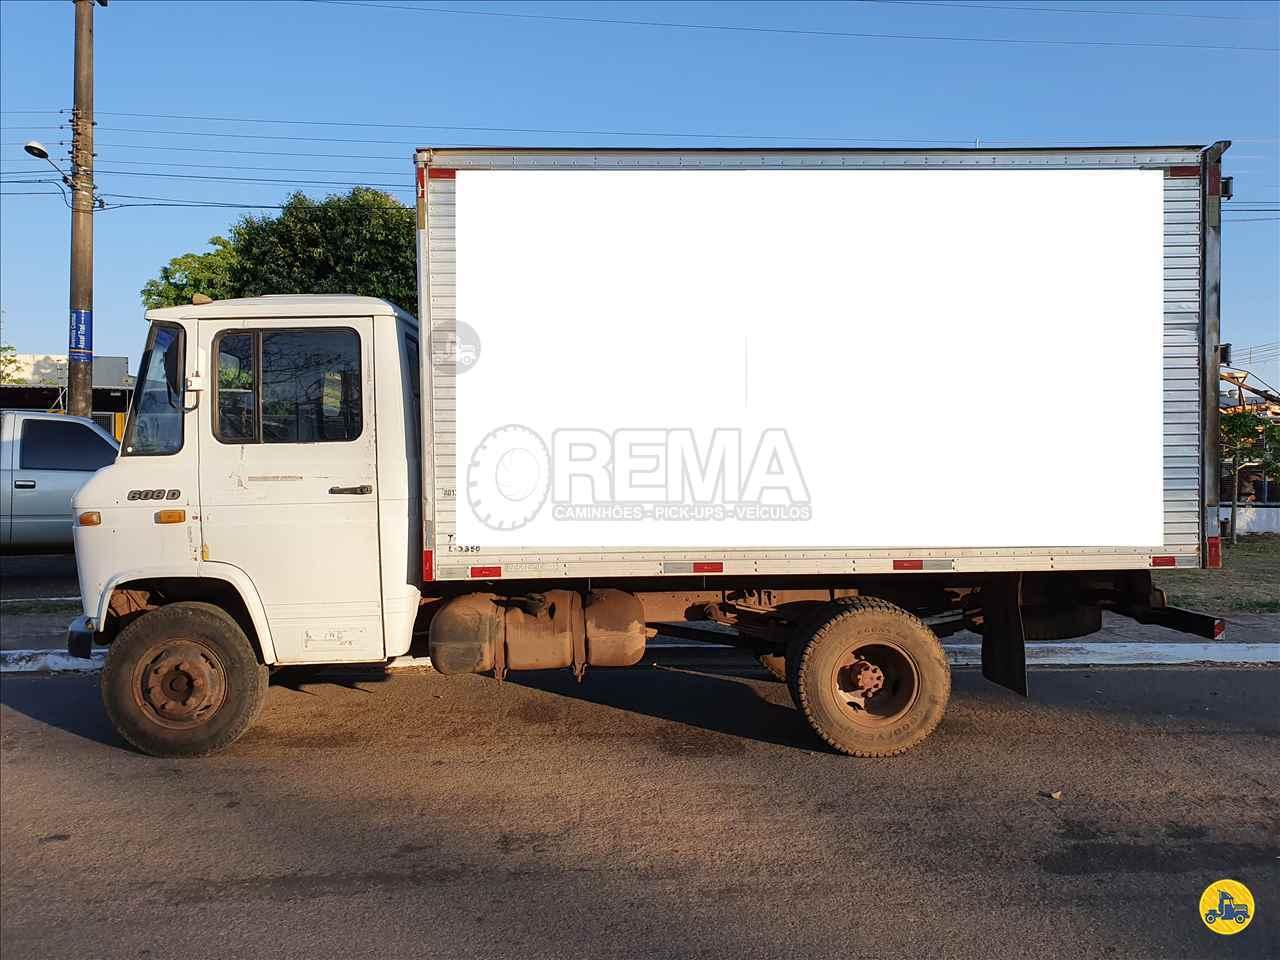 MERCEDES-BENZ MB 608  1984/1984 Rema Caminhões - MS